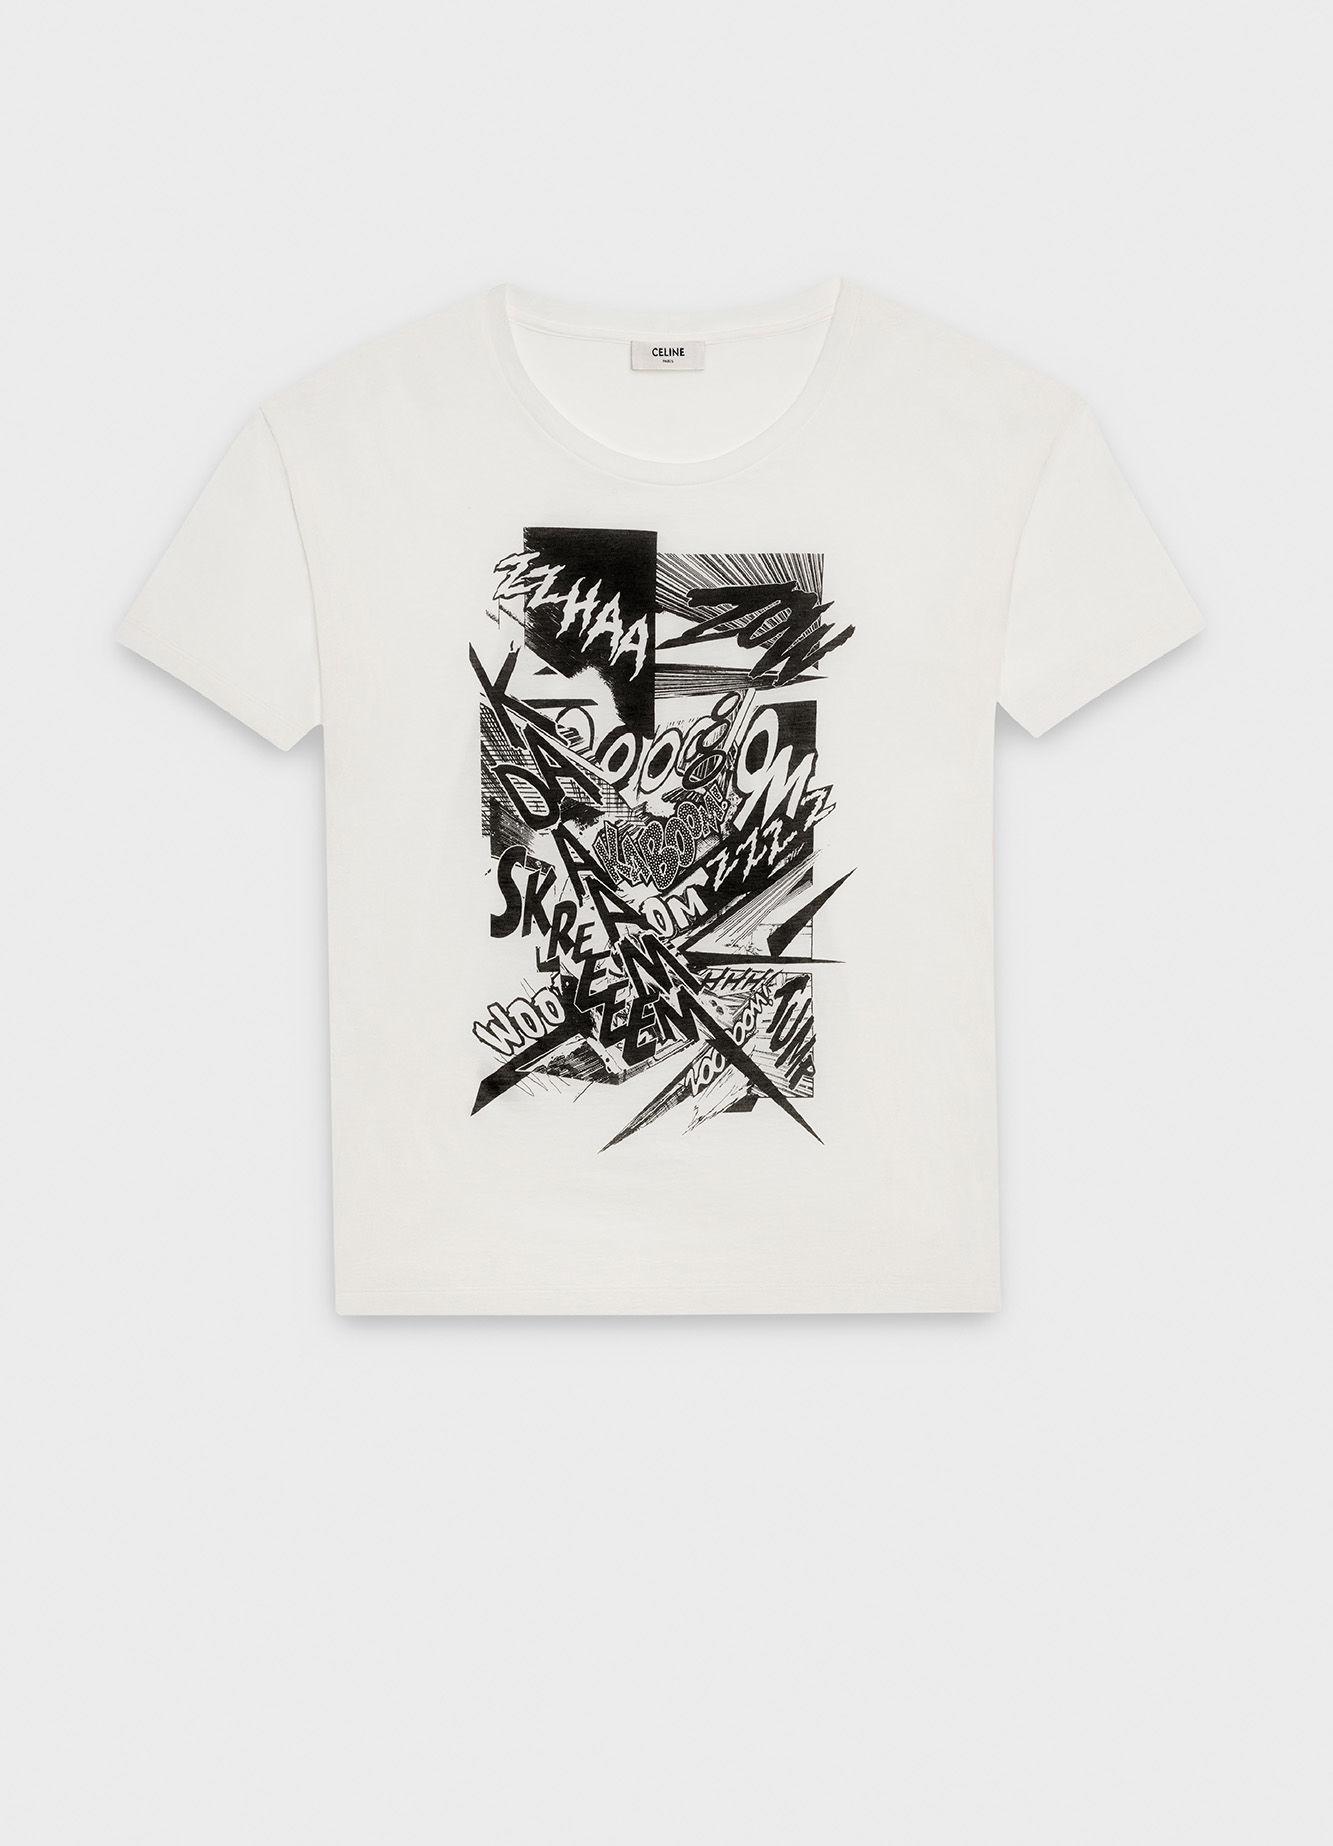 「セリーヌ」ブランド初のメンズコレクション、人気アイテムをチェック!